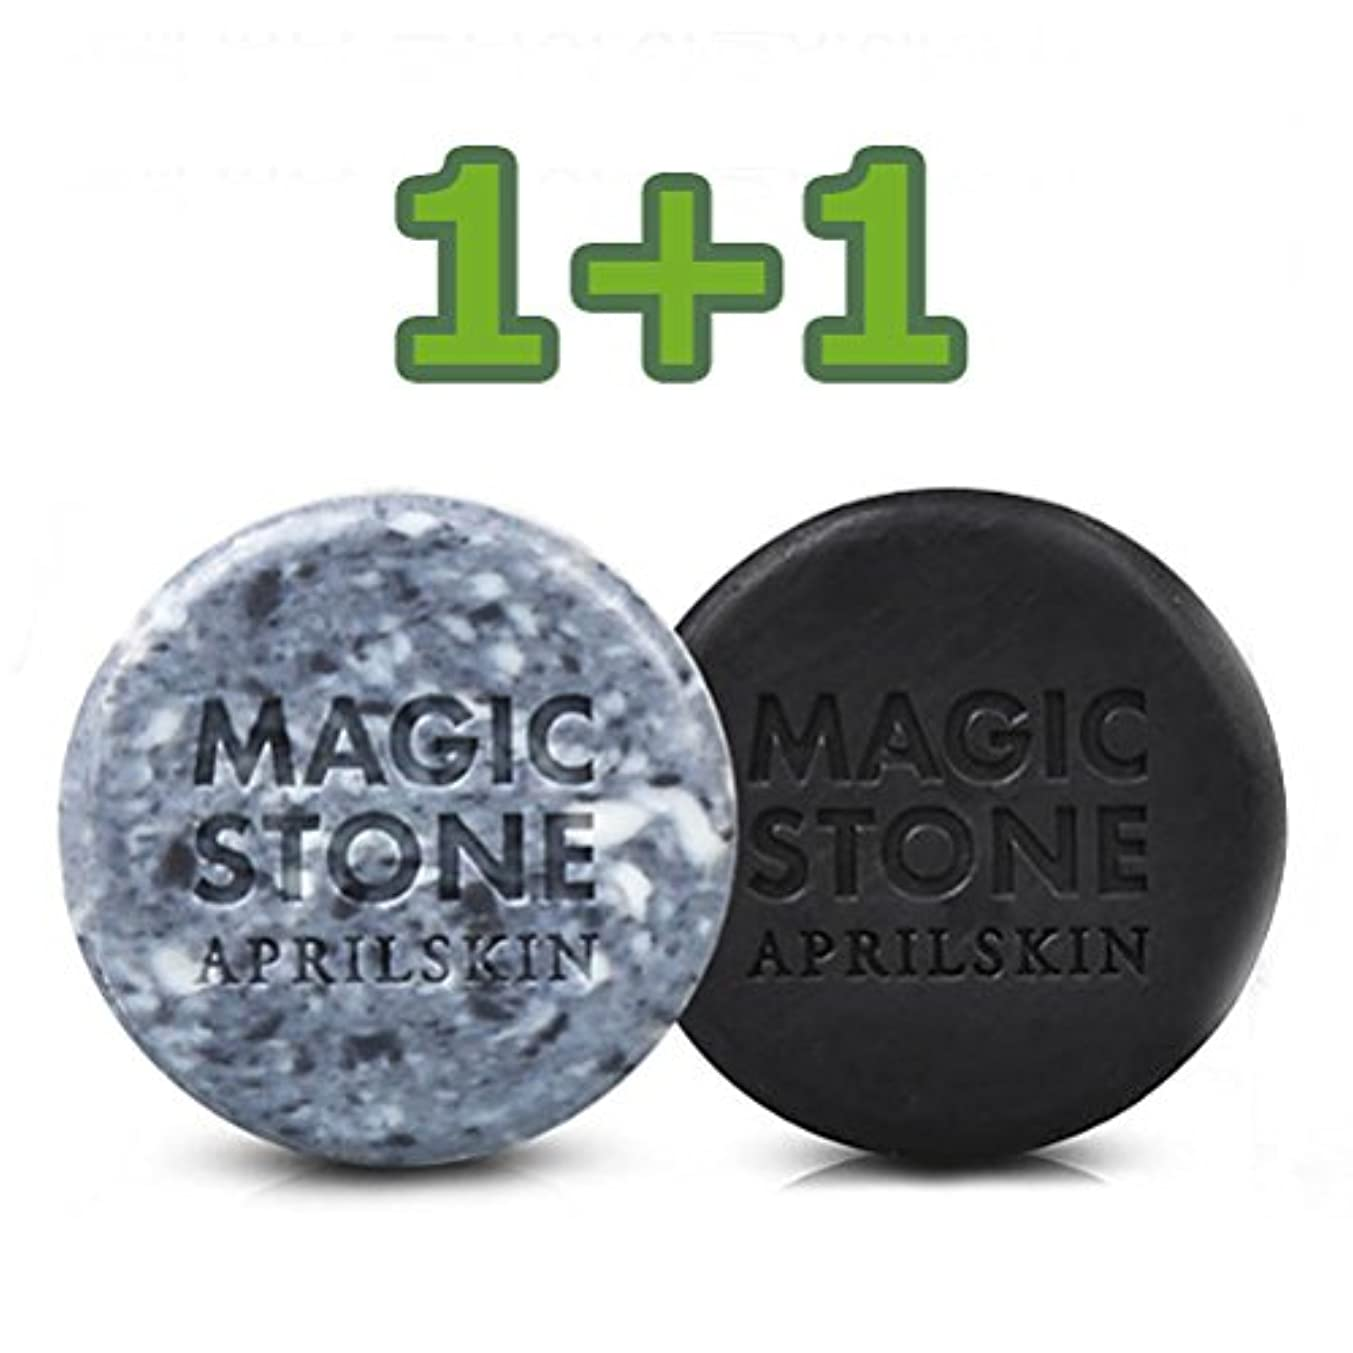 積極的に適度に新年エイプリルスキン マジックストーンソープ オリジナル&ブラック (Aprilskin Magic Stone Soap Original & Black) 90g * 2個 / 正品?海外直送商品